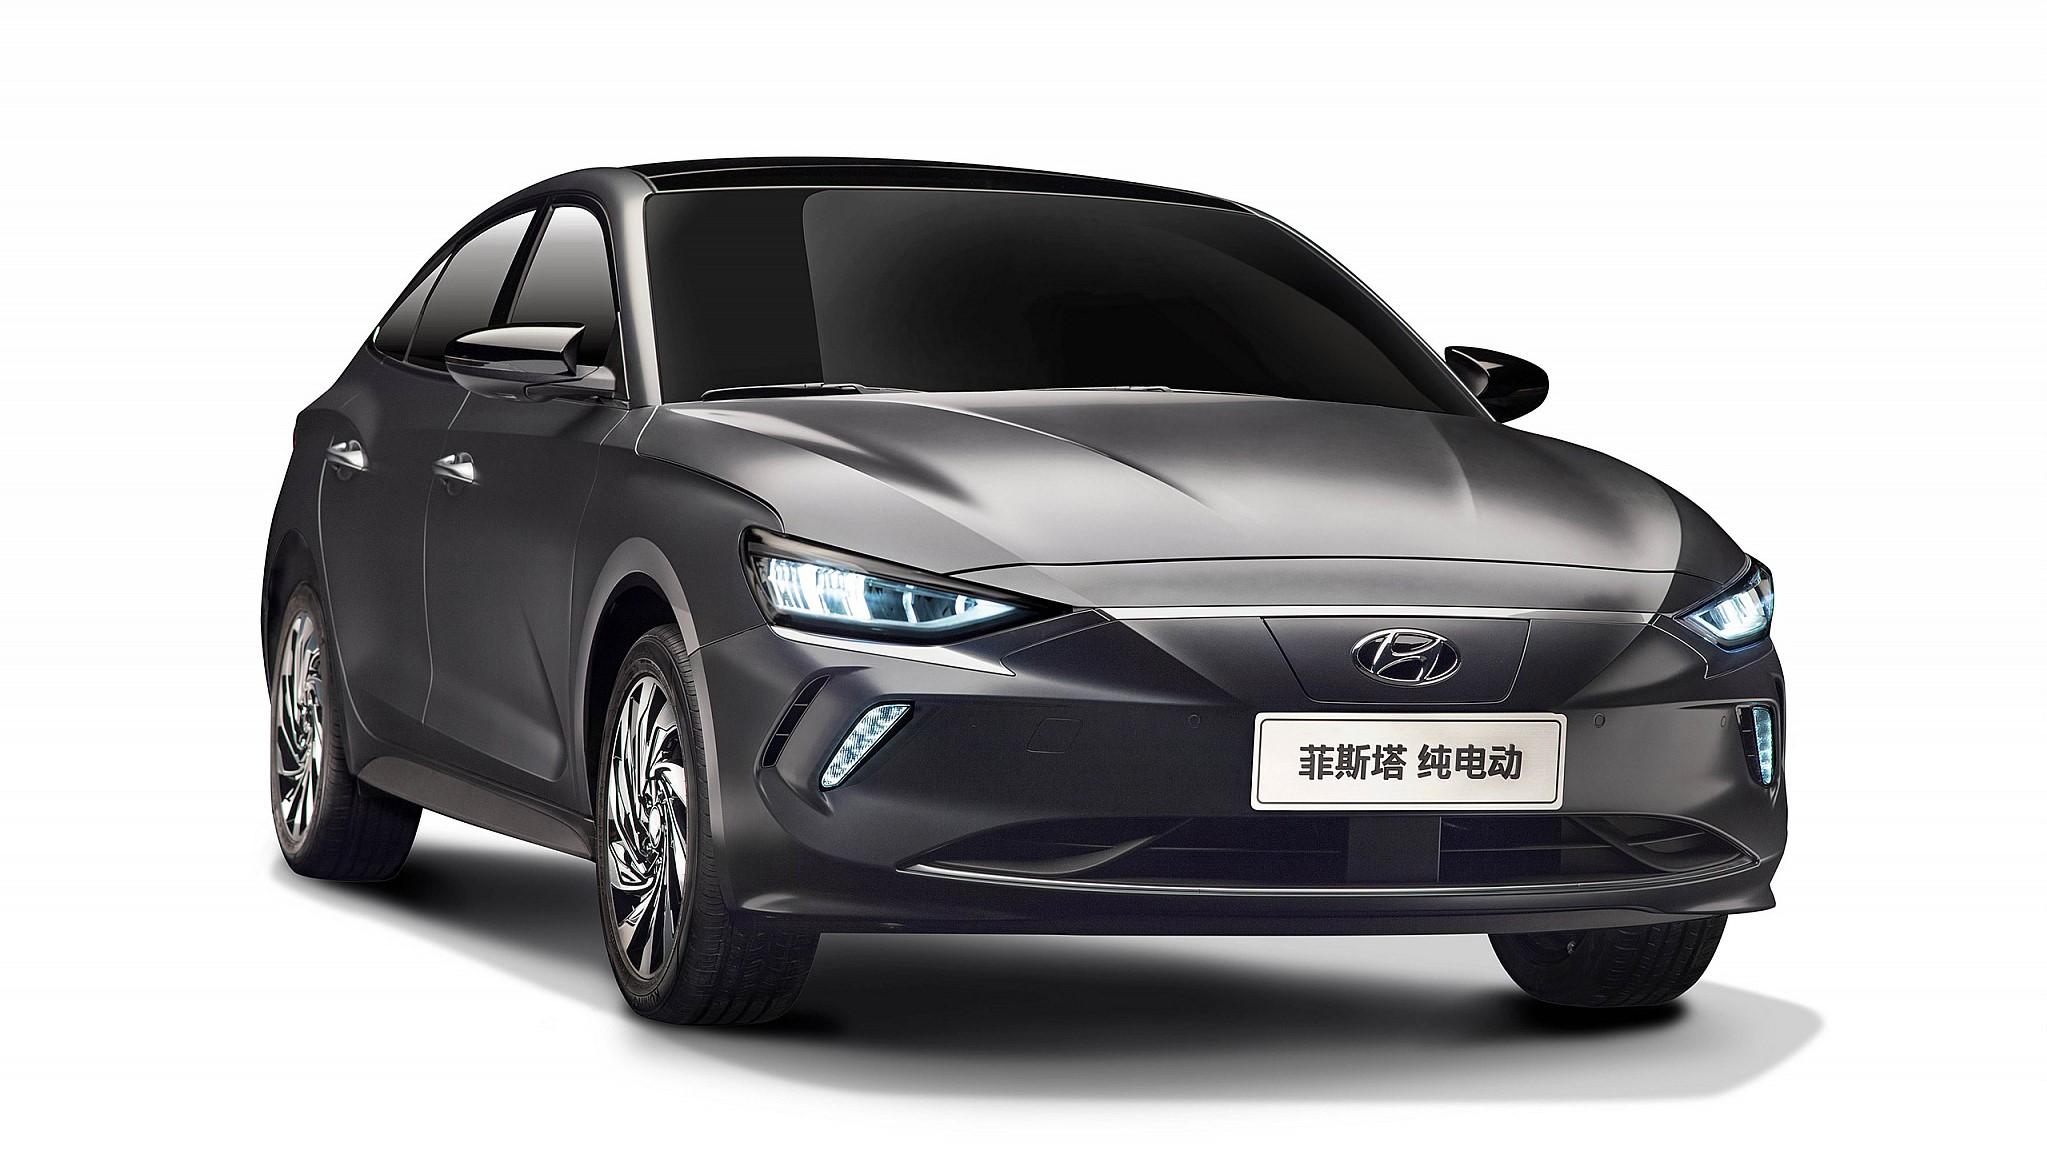 Hyundai Elantra sắp ra mắt bản EV chạy điện: Chạy liên tục 490 km không cần sạc